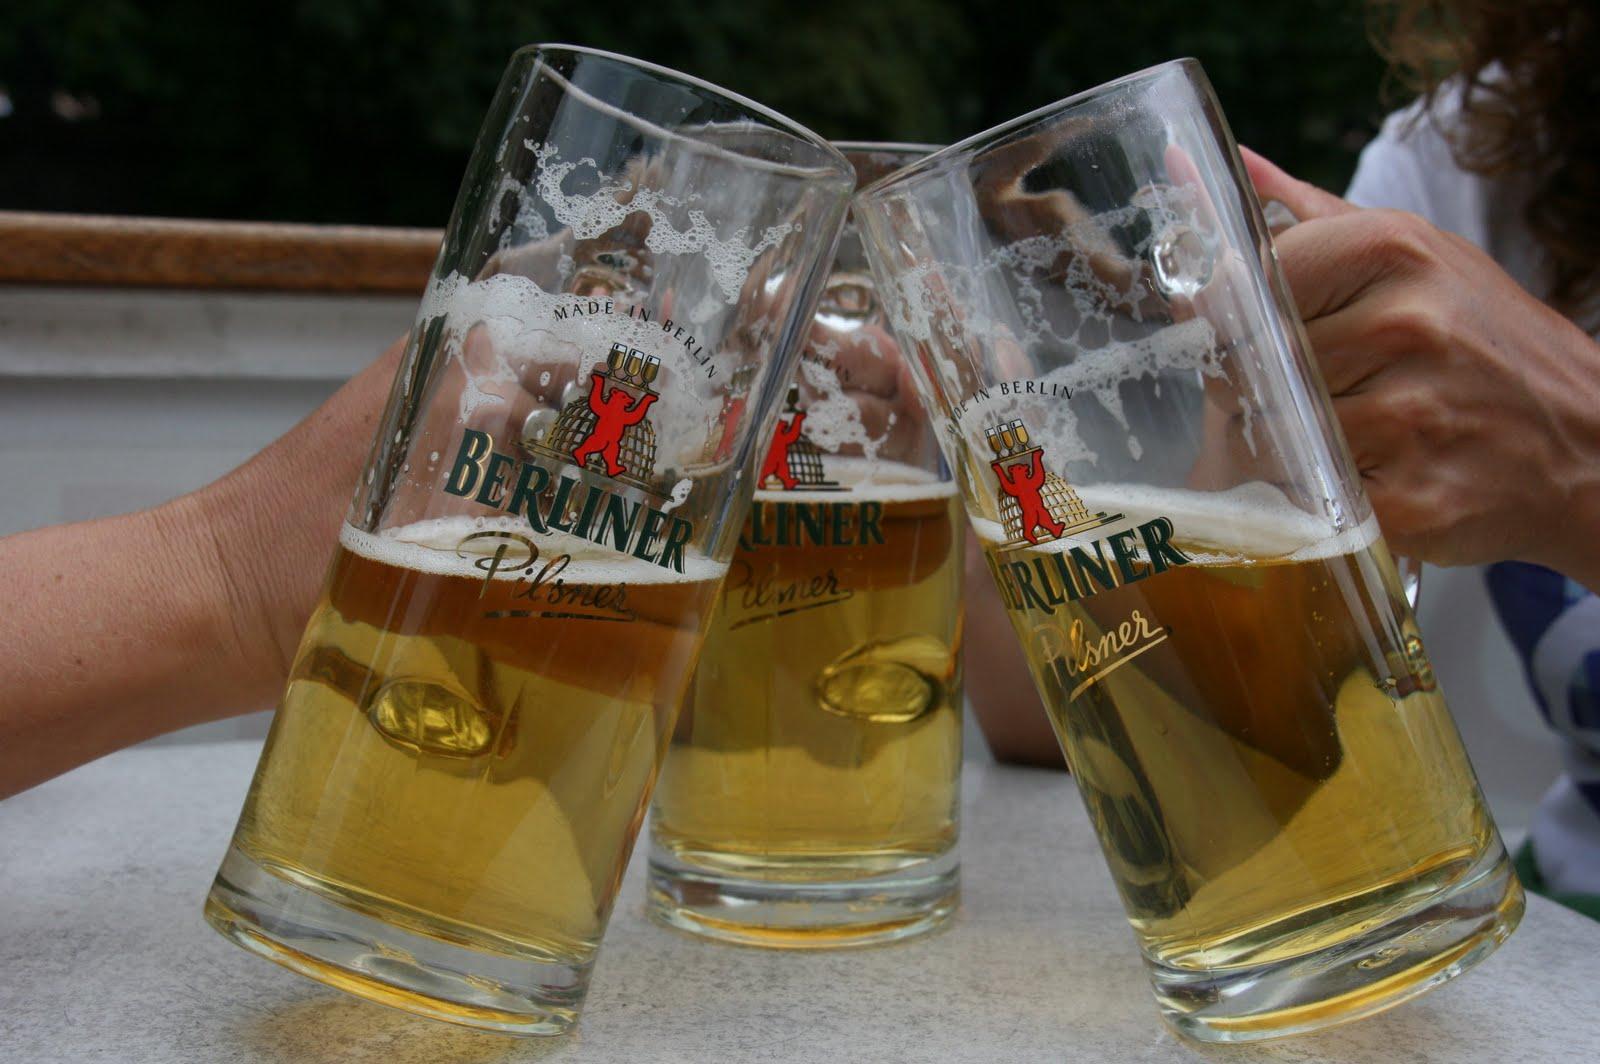 Resultado de imagen para berlin cerveza